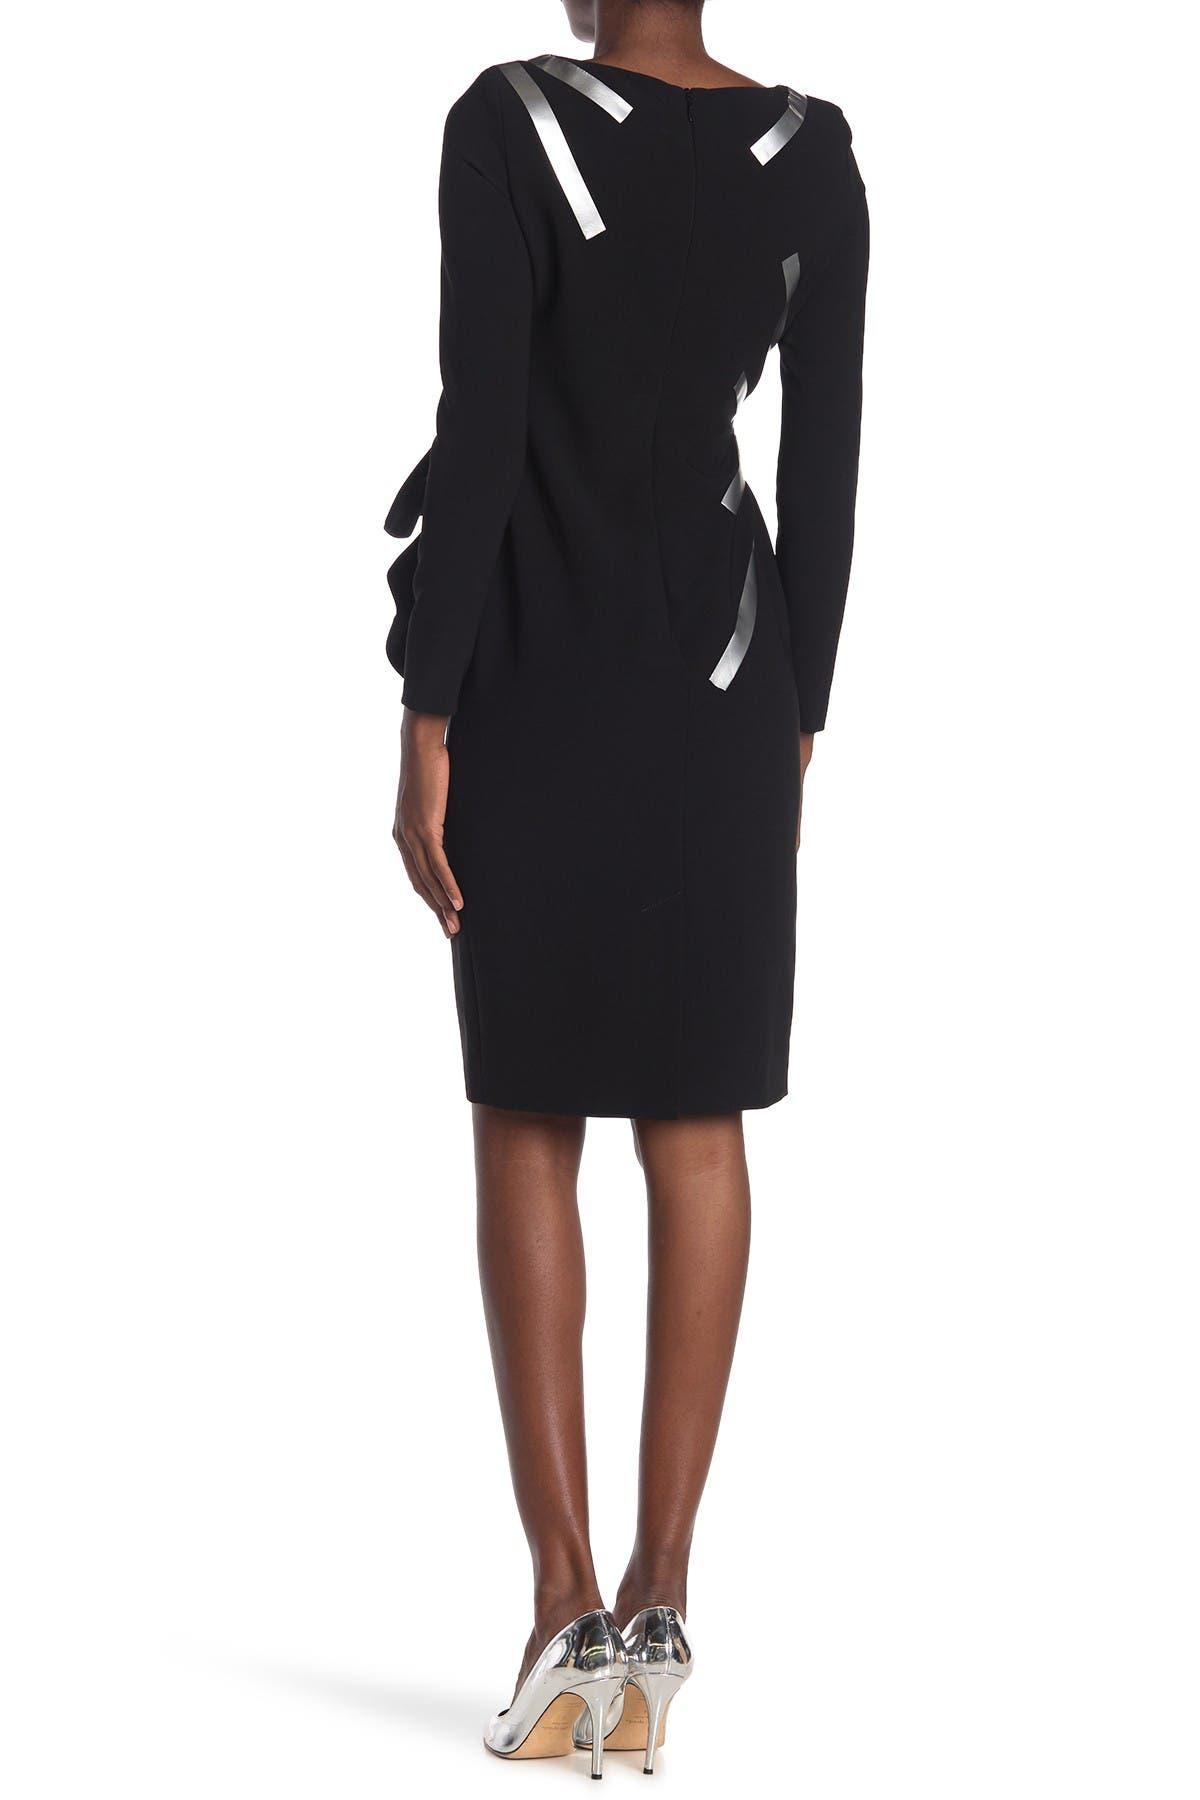 Image of MOSCHINO Ruffle Starburst Dress